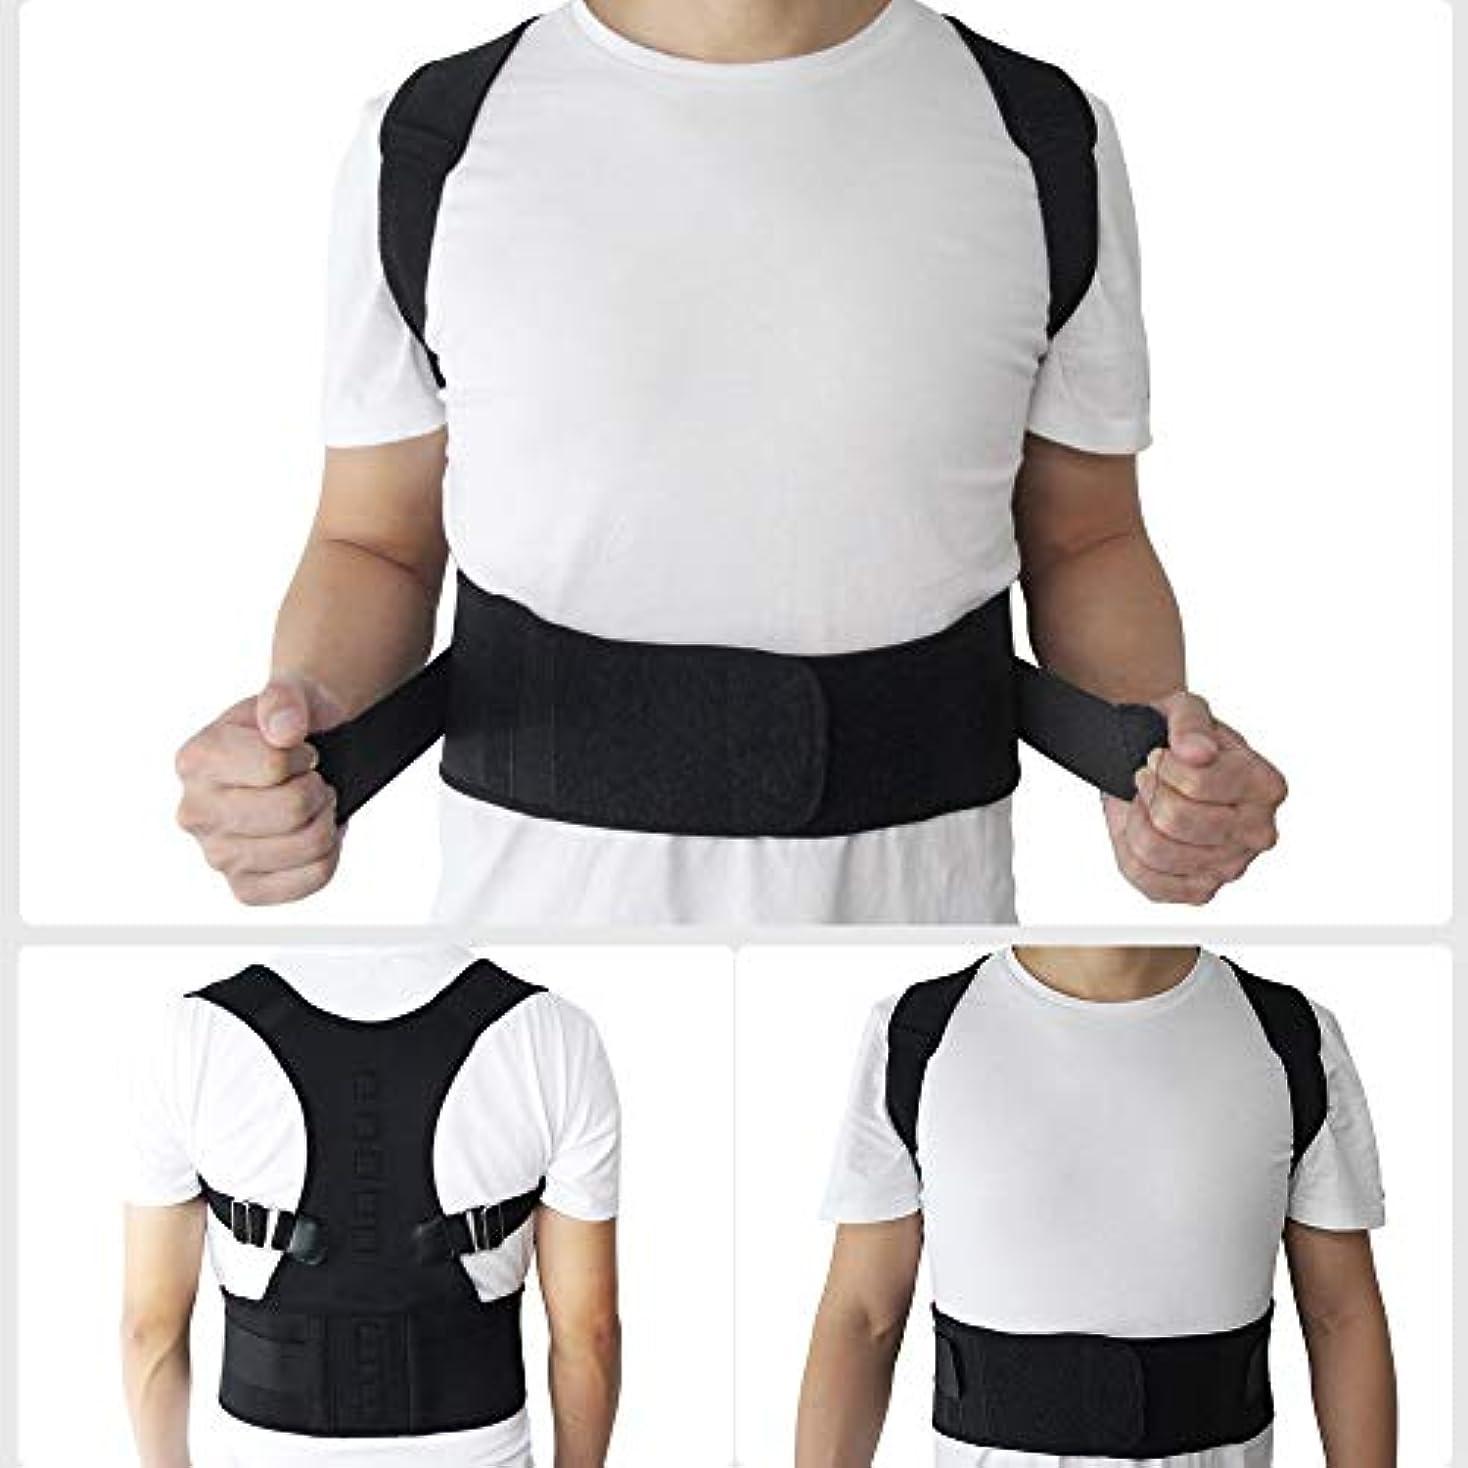 ミット丈夫深遠男性のための磁気療法の姿勢補正子ブレースショルダーバックサポートベルト女性のブレース&サポートベルトショルダー姿勢,S